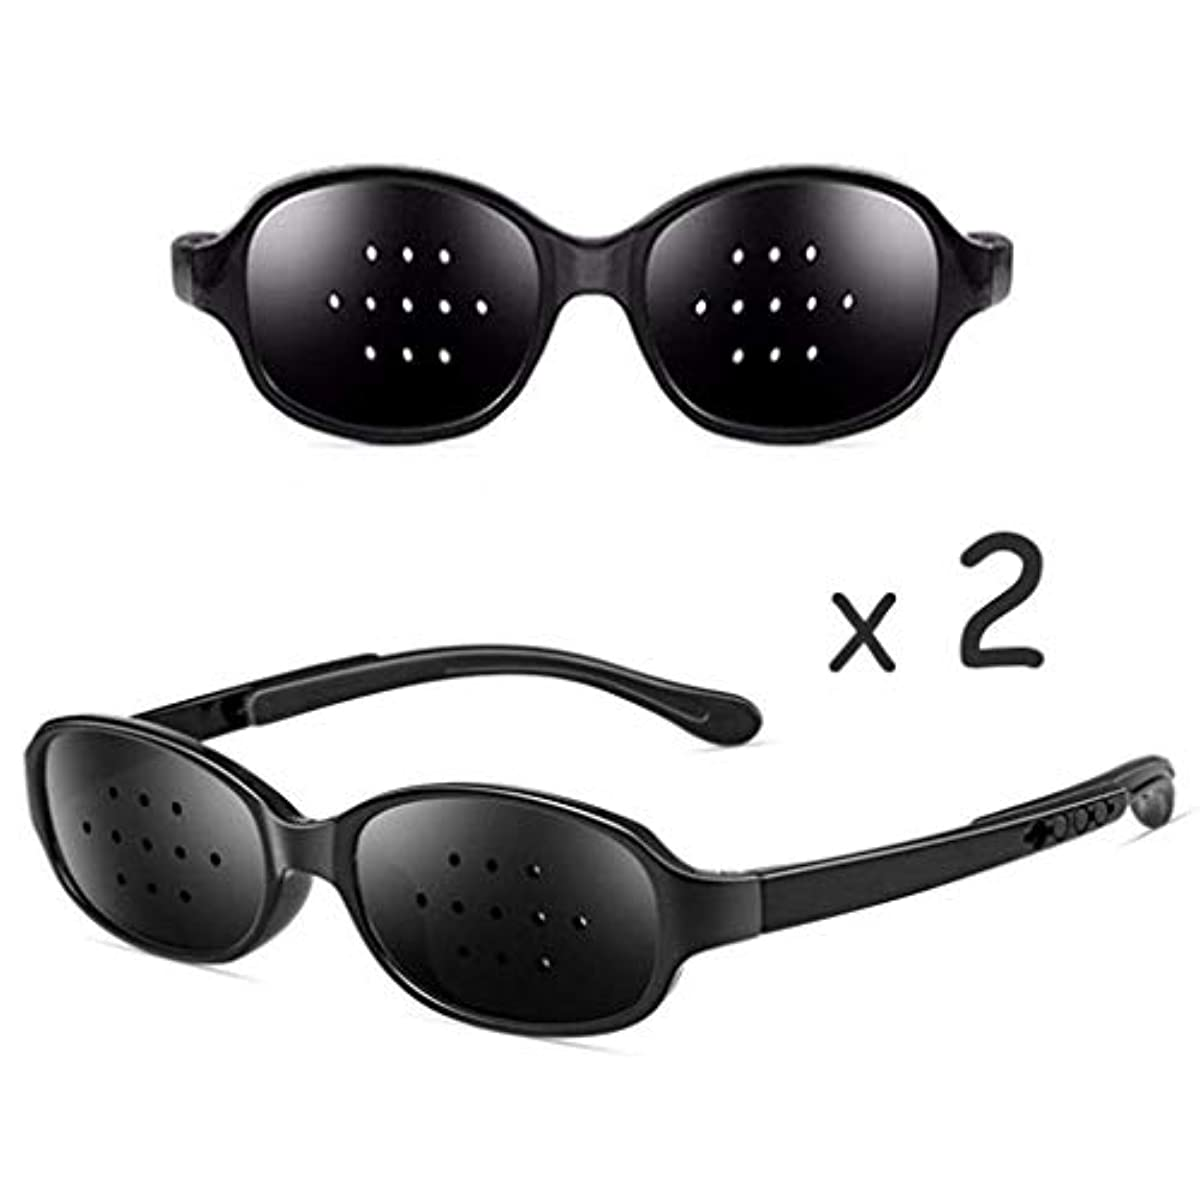 リーダーシップショッキング広々としたピンホールメガネ、視力矯正メガネ網状視力保護メガネ耐疲労性メガネ近視の防止メガネの改善 (Color : ピンク)